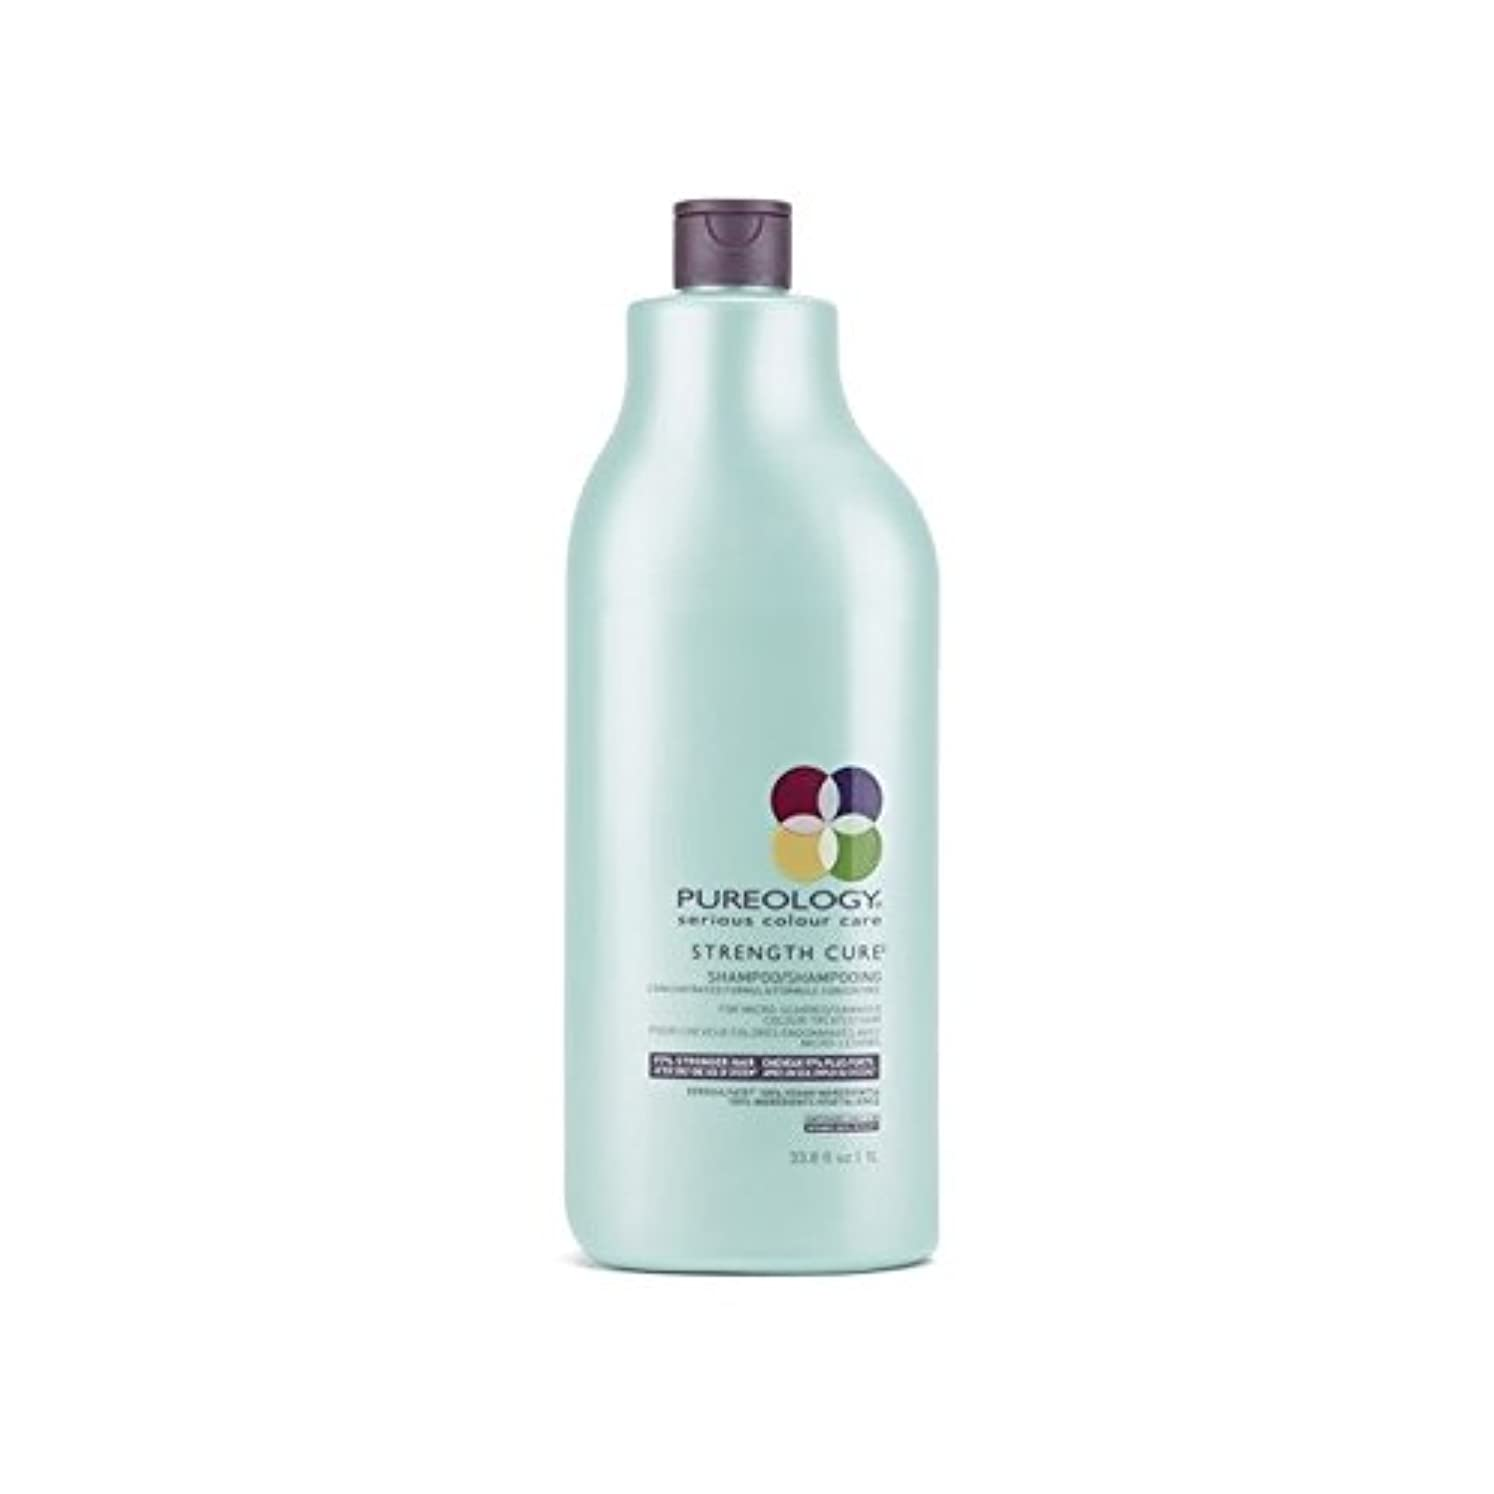 タウポ湖くすぐったい遅い強度硬化シャンプー(千ミリリットル) x2 - Pureology Strength Cure Shampoo (1000ml) (Pack of 2) [並行輸入品]